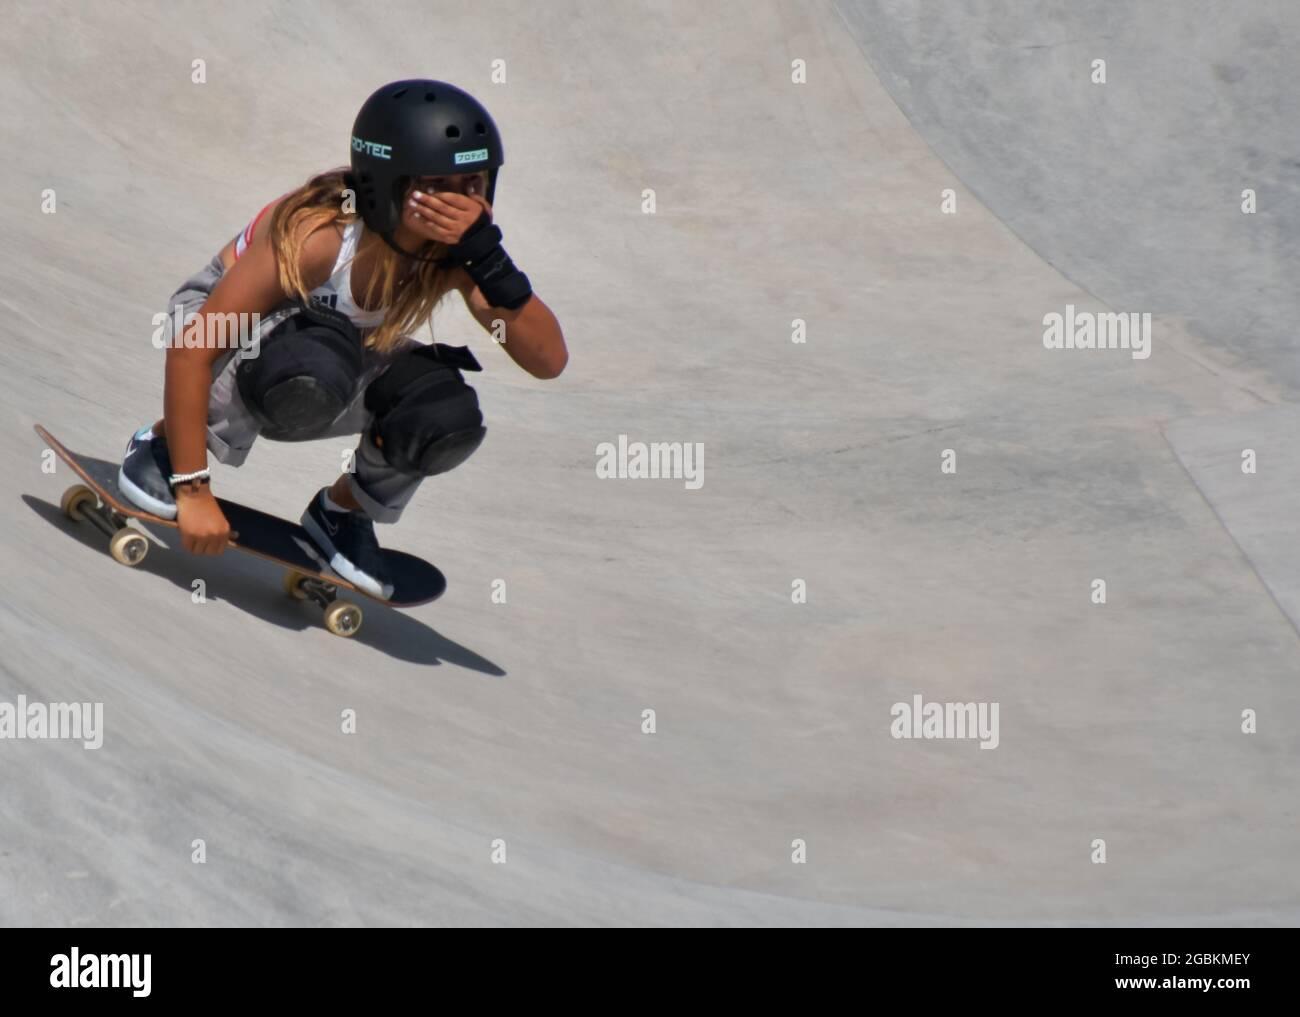 Tokyo, Giappone. 04 agosto 2021. Il Great Britain's Sky Brown festeggia dopo essere stato in finale durante le Olimpiadi di Tokyo Women's Park Skateboarding presso l'Ariake Urban Sports Park di Tokyo, Giappone, mercoledì 4 agosto 2021. Foto di Keizo Mori/UPI Credit: UPI/Alamy Live News Foto Stock